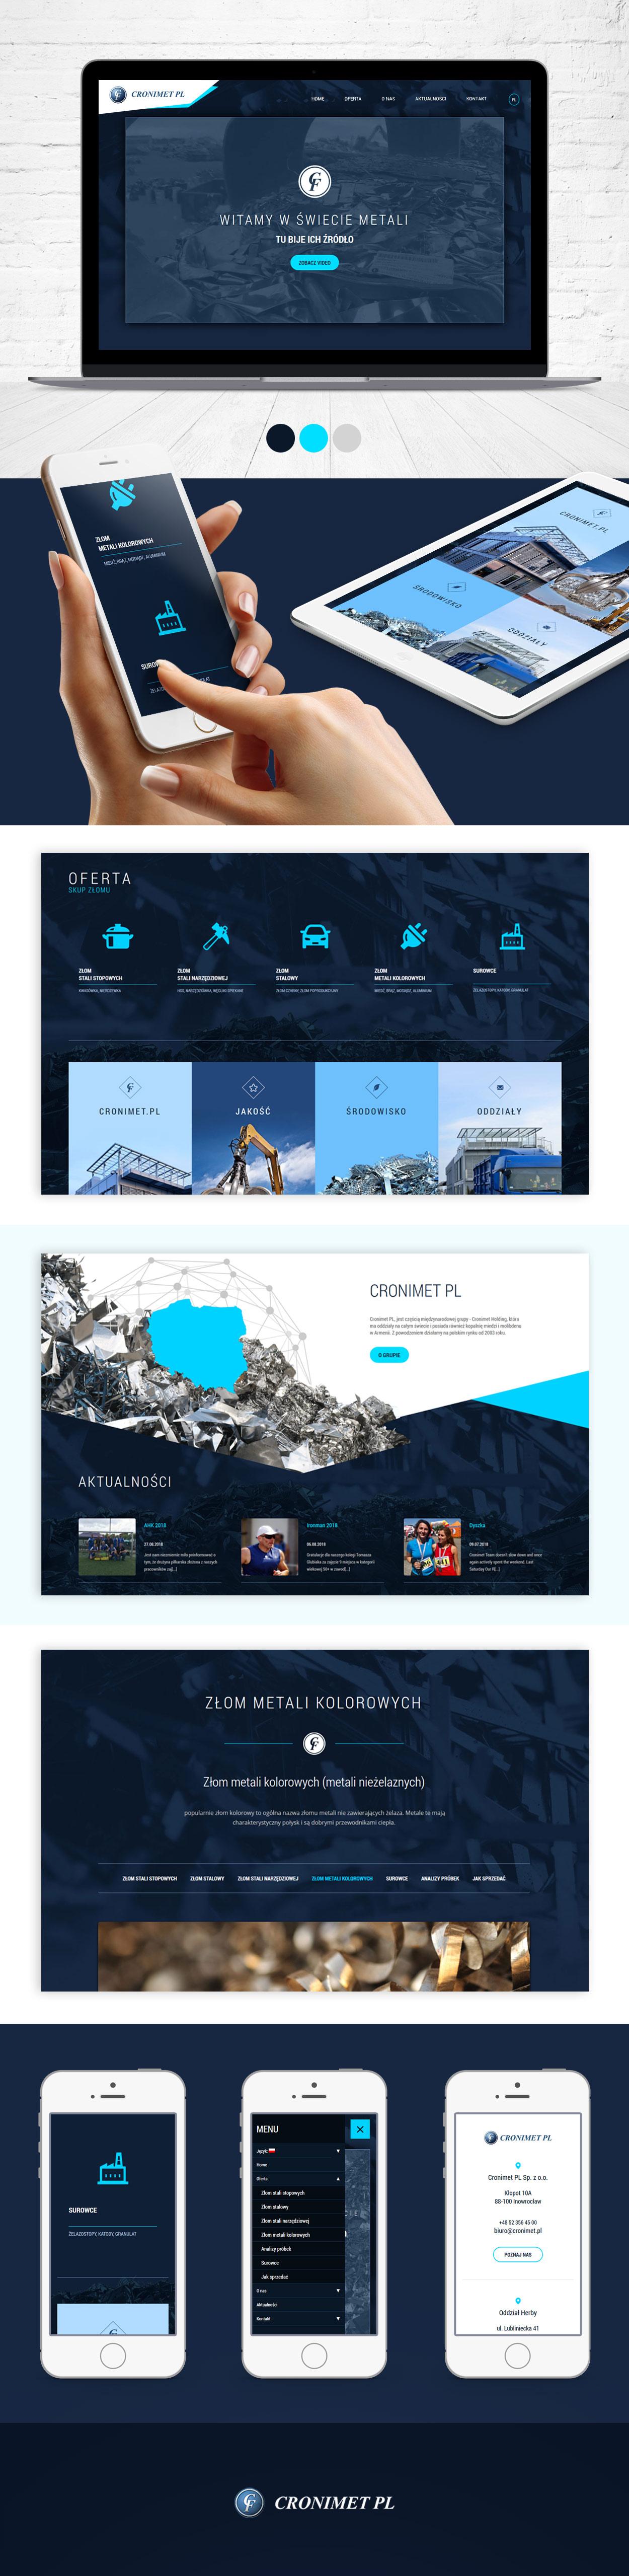 strona-internetowa-dla-firmy-cronimet